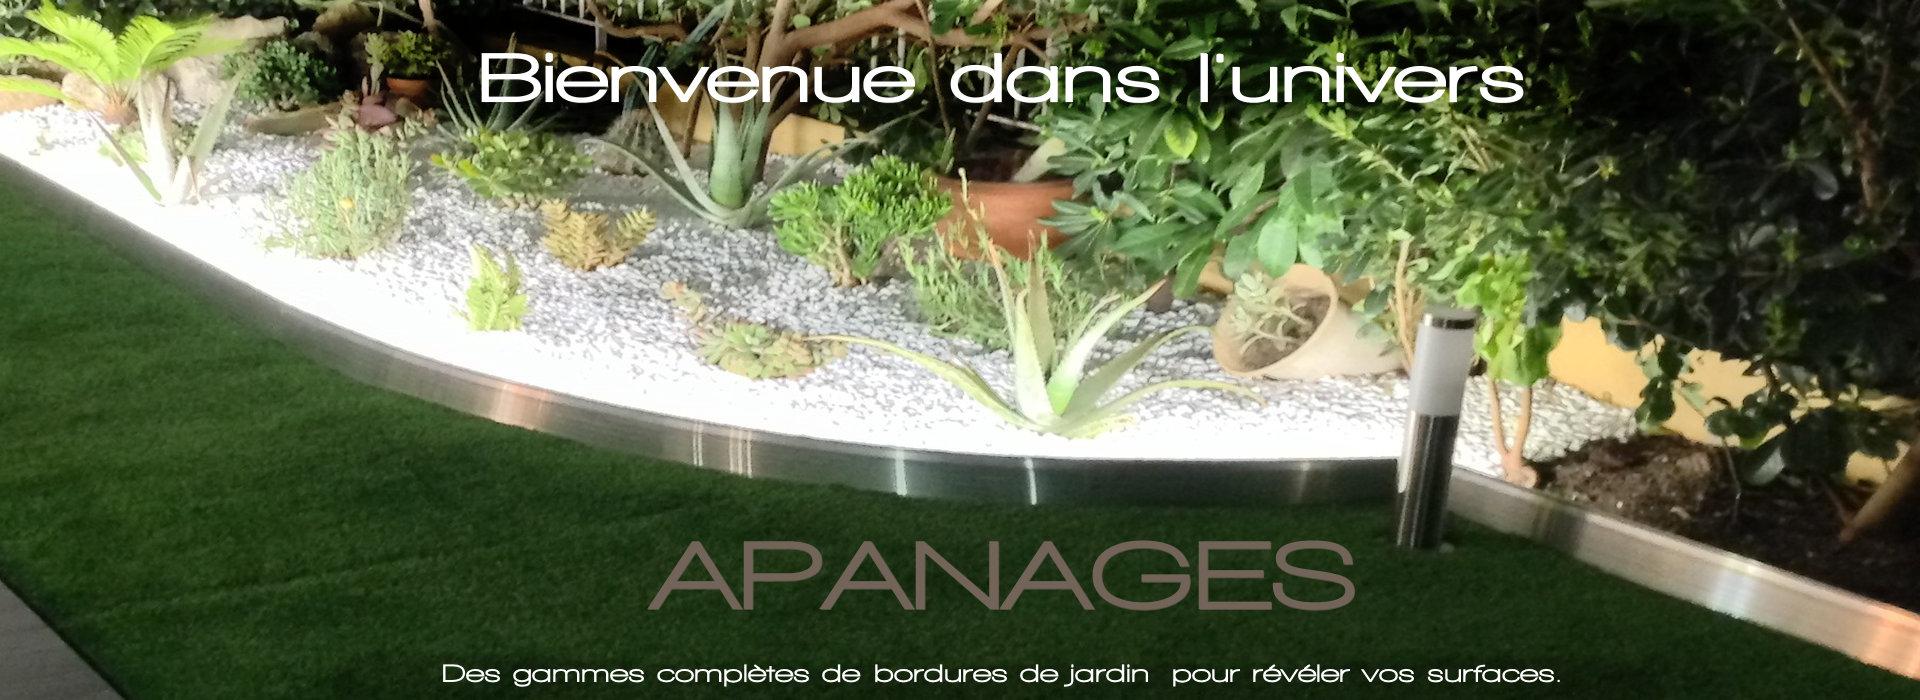 Bordure De Jardin Et Aménagement Du Jardin, Bordure Alu pour Bordure Jardin Acier Corten Jardiland